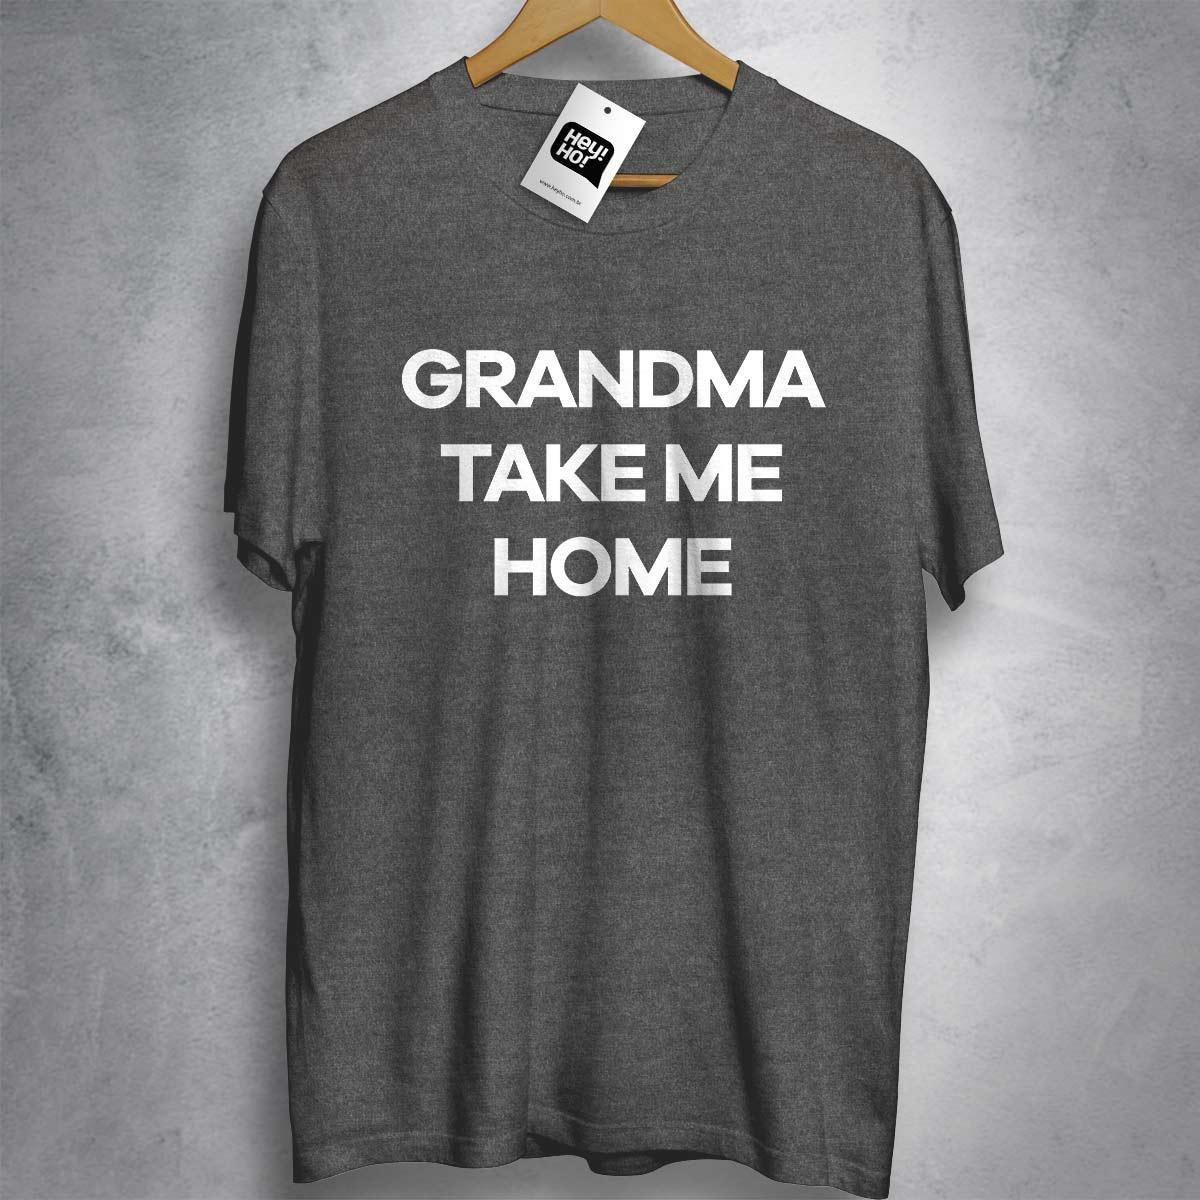 NIRVANA - Grandma take me home